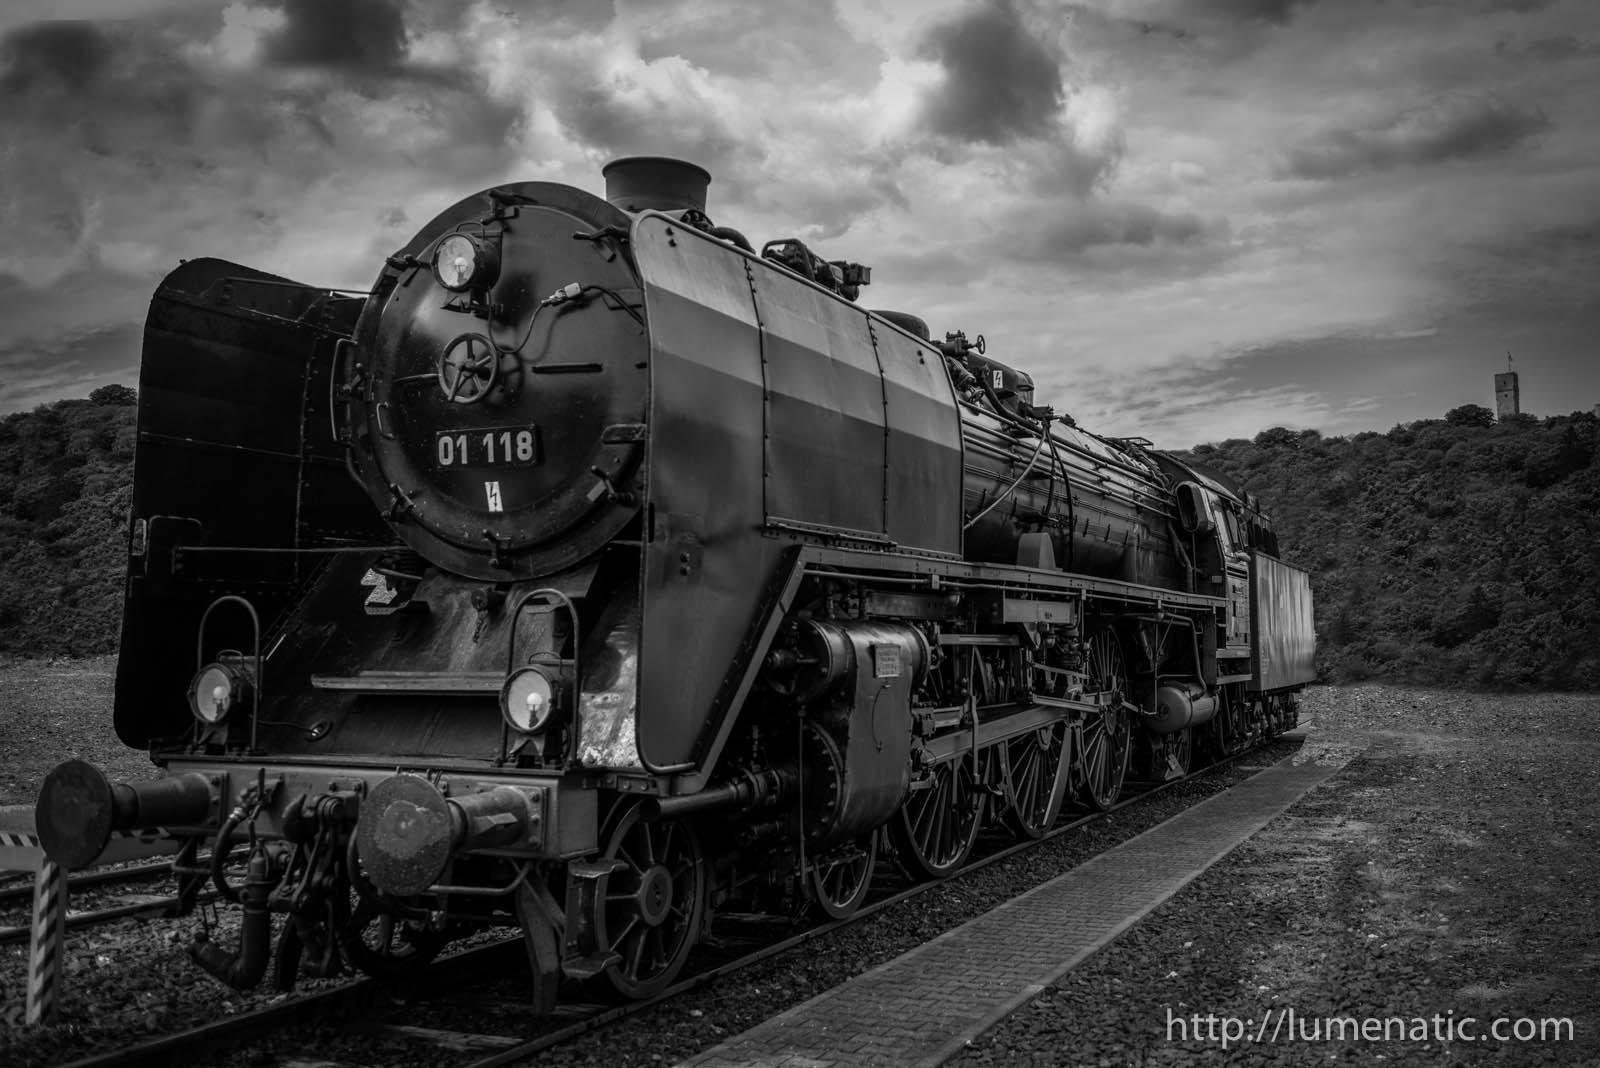 Historic steam engine (Lightroom filter presets)